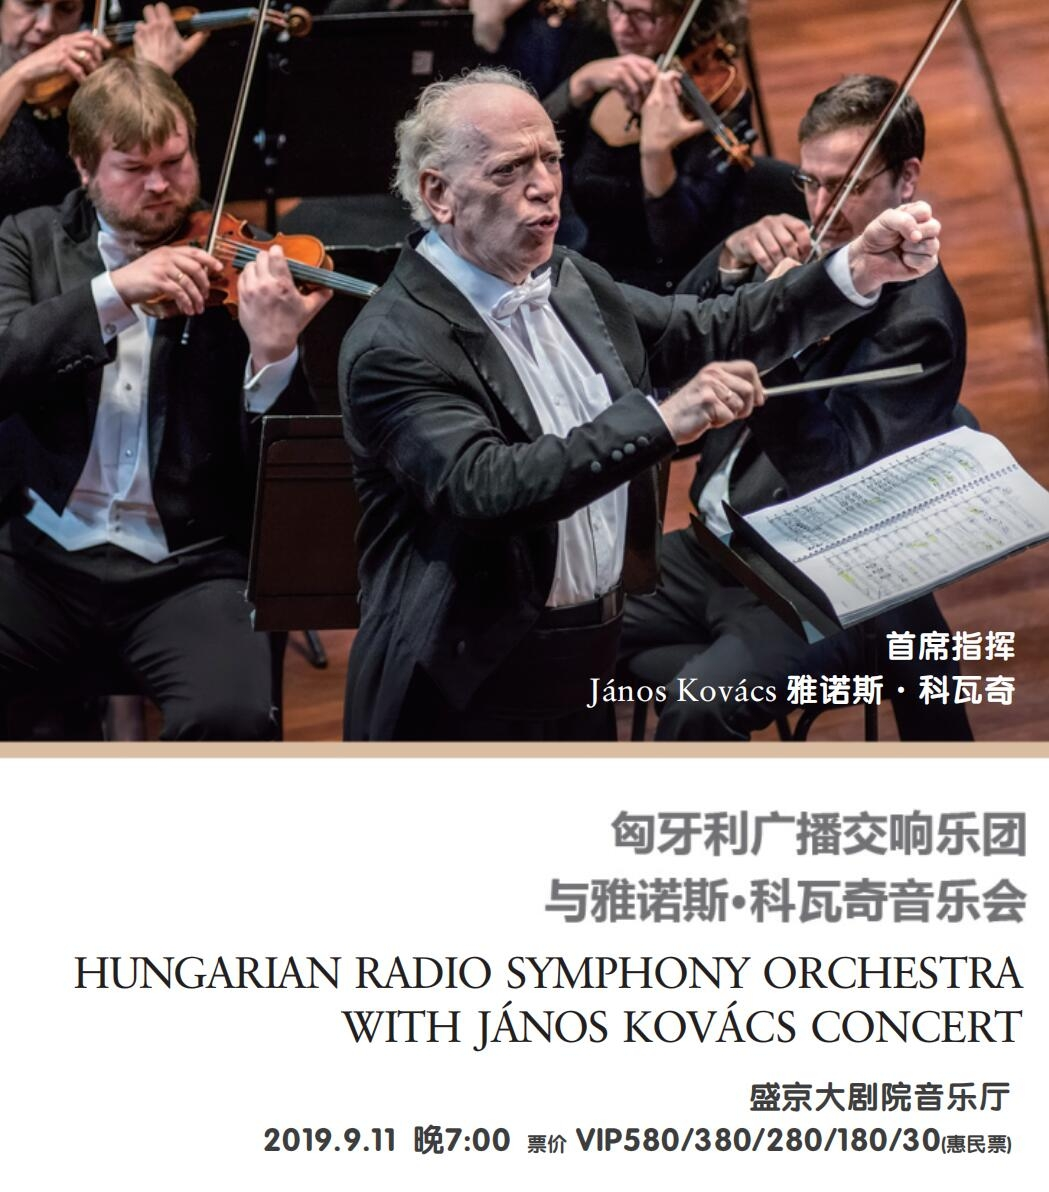 匈牙利广播交响乐团与雅诺斯科瓦奇音乐会沈阳站